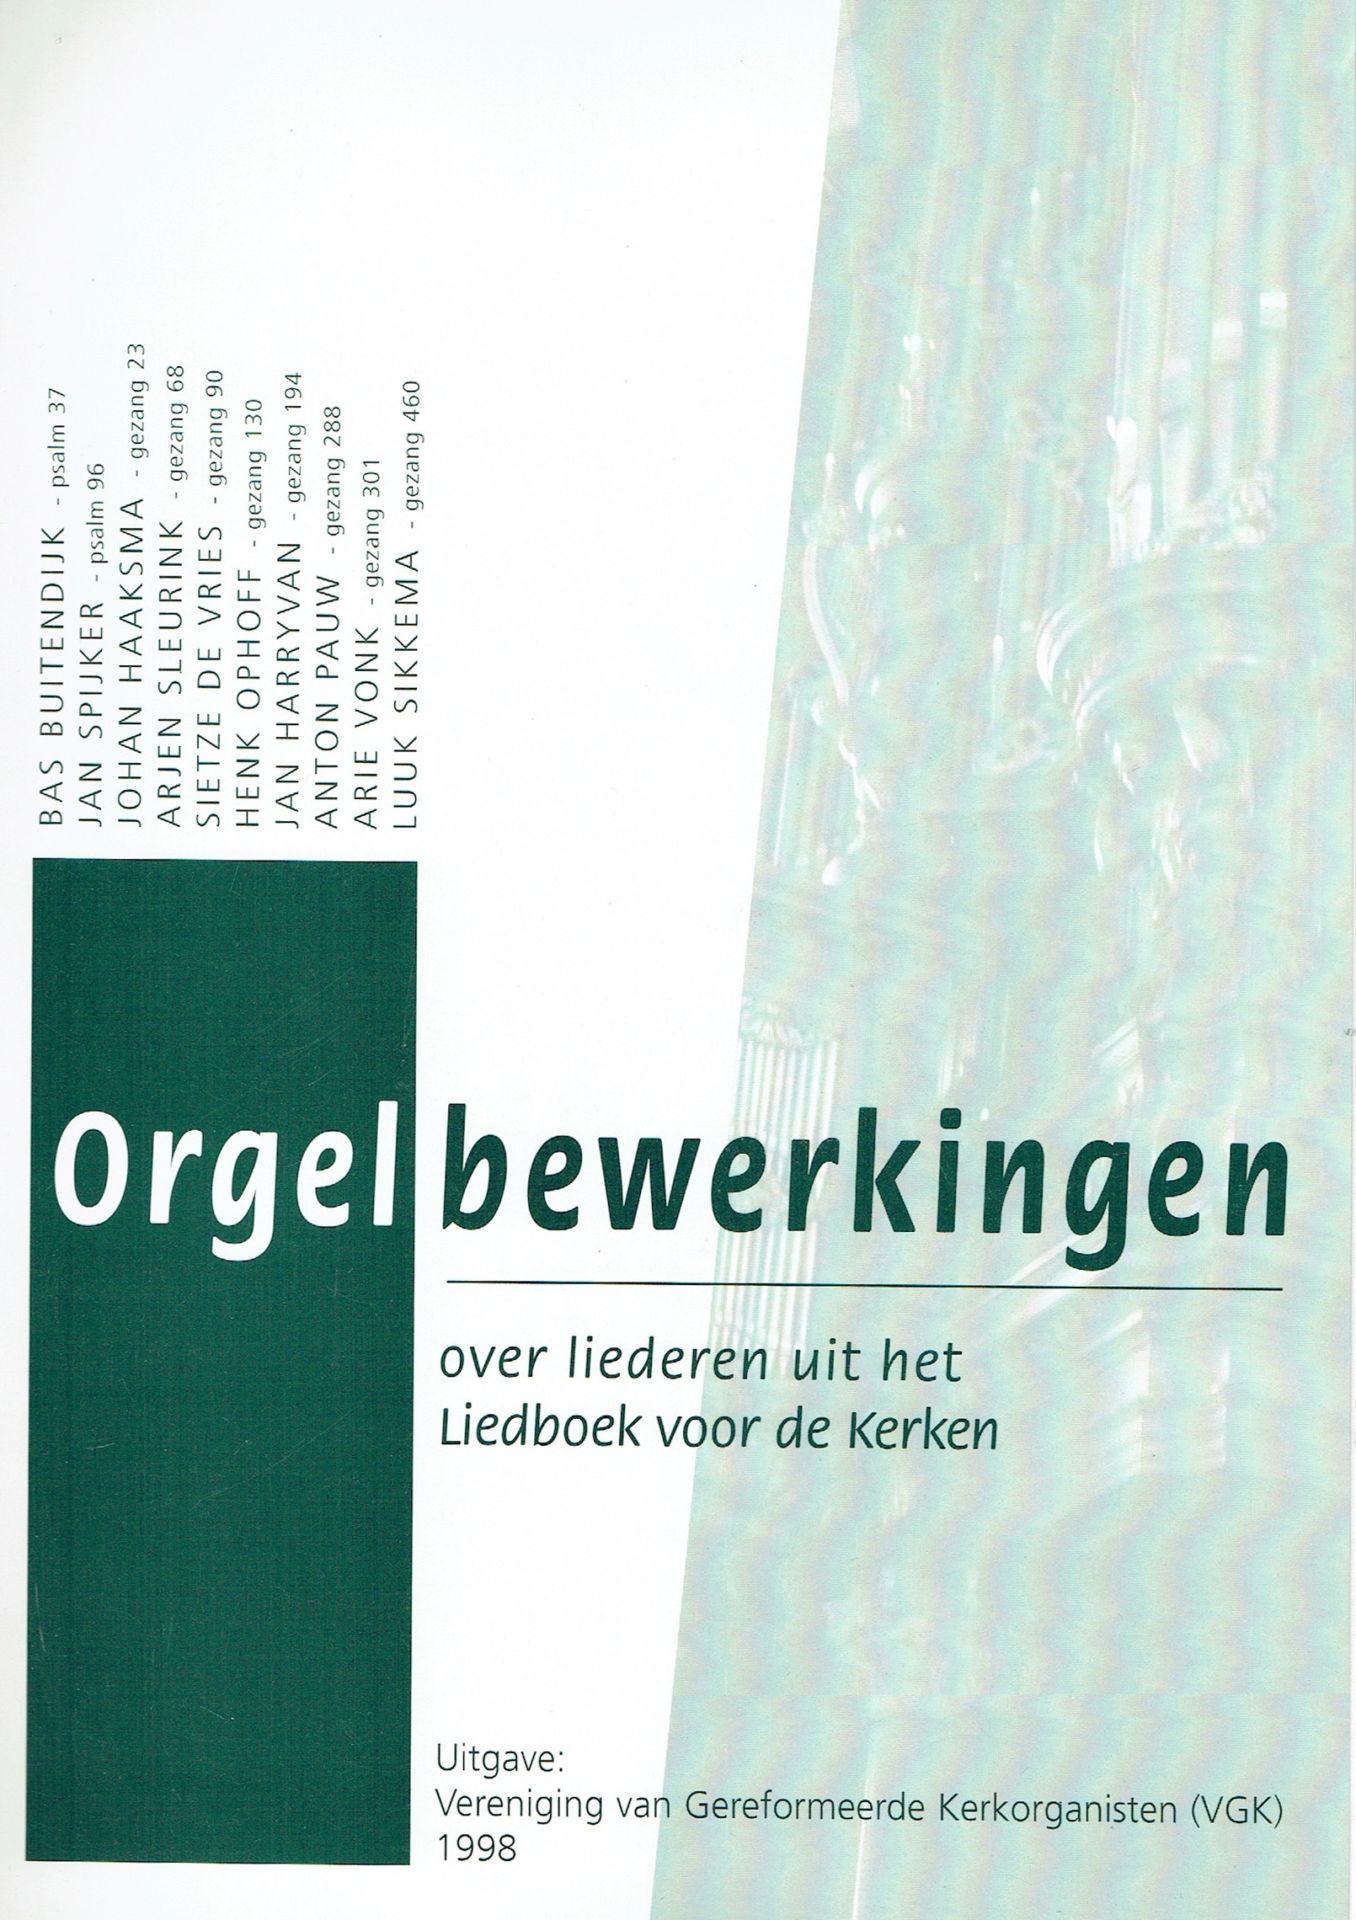 Orgelbewerkingen over liederen uit het Liedboek voor de Kerken